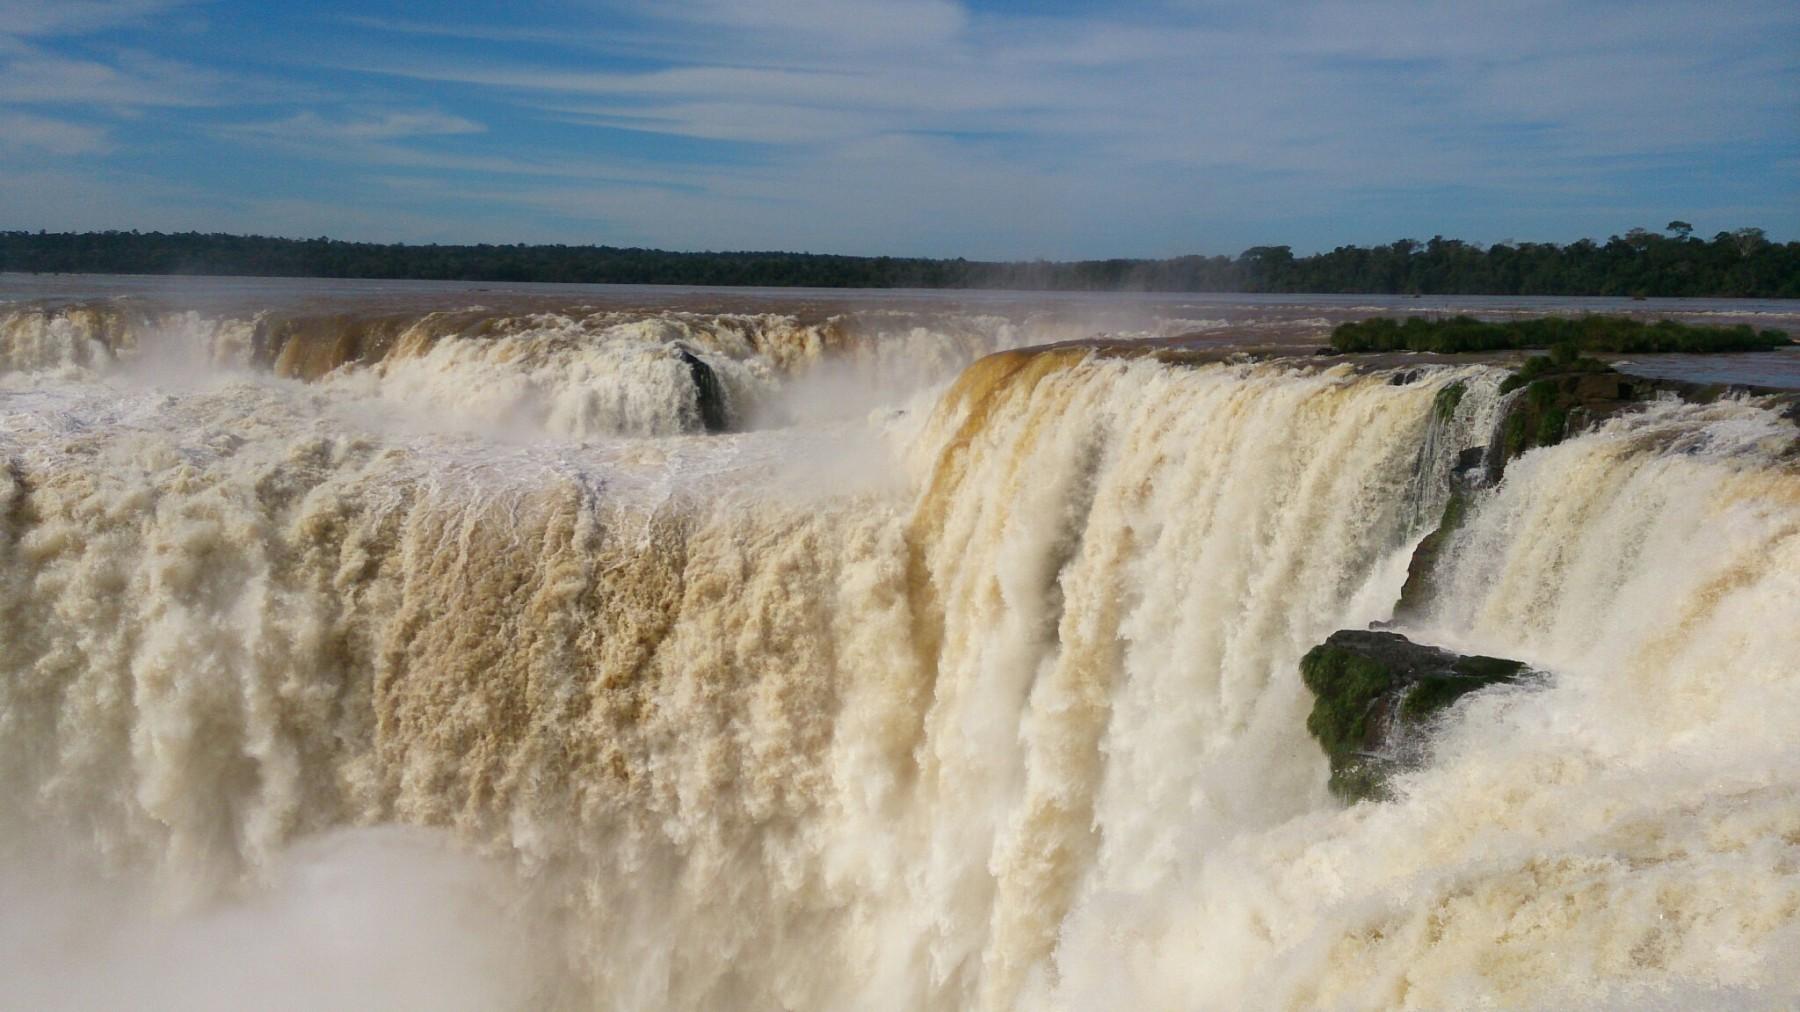 Roteiro-foz-do-iguaçu-cataratas-argentina-6-1800x1012 Roteiro Foz do Iguaçu Completo (e ÉPICO) - 3 a 5 dias